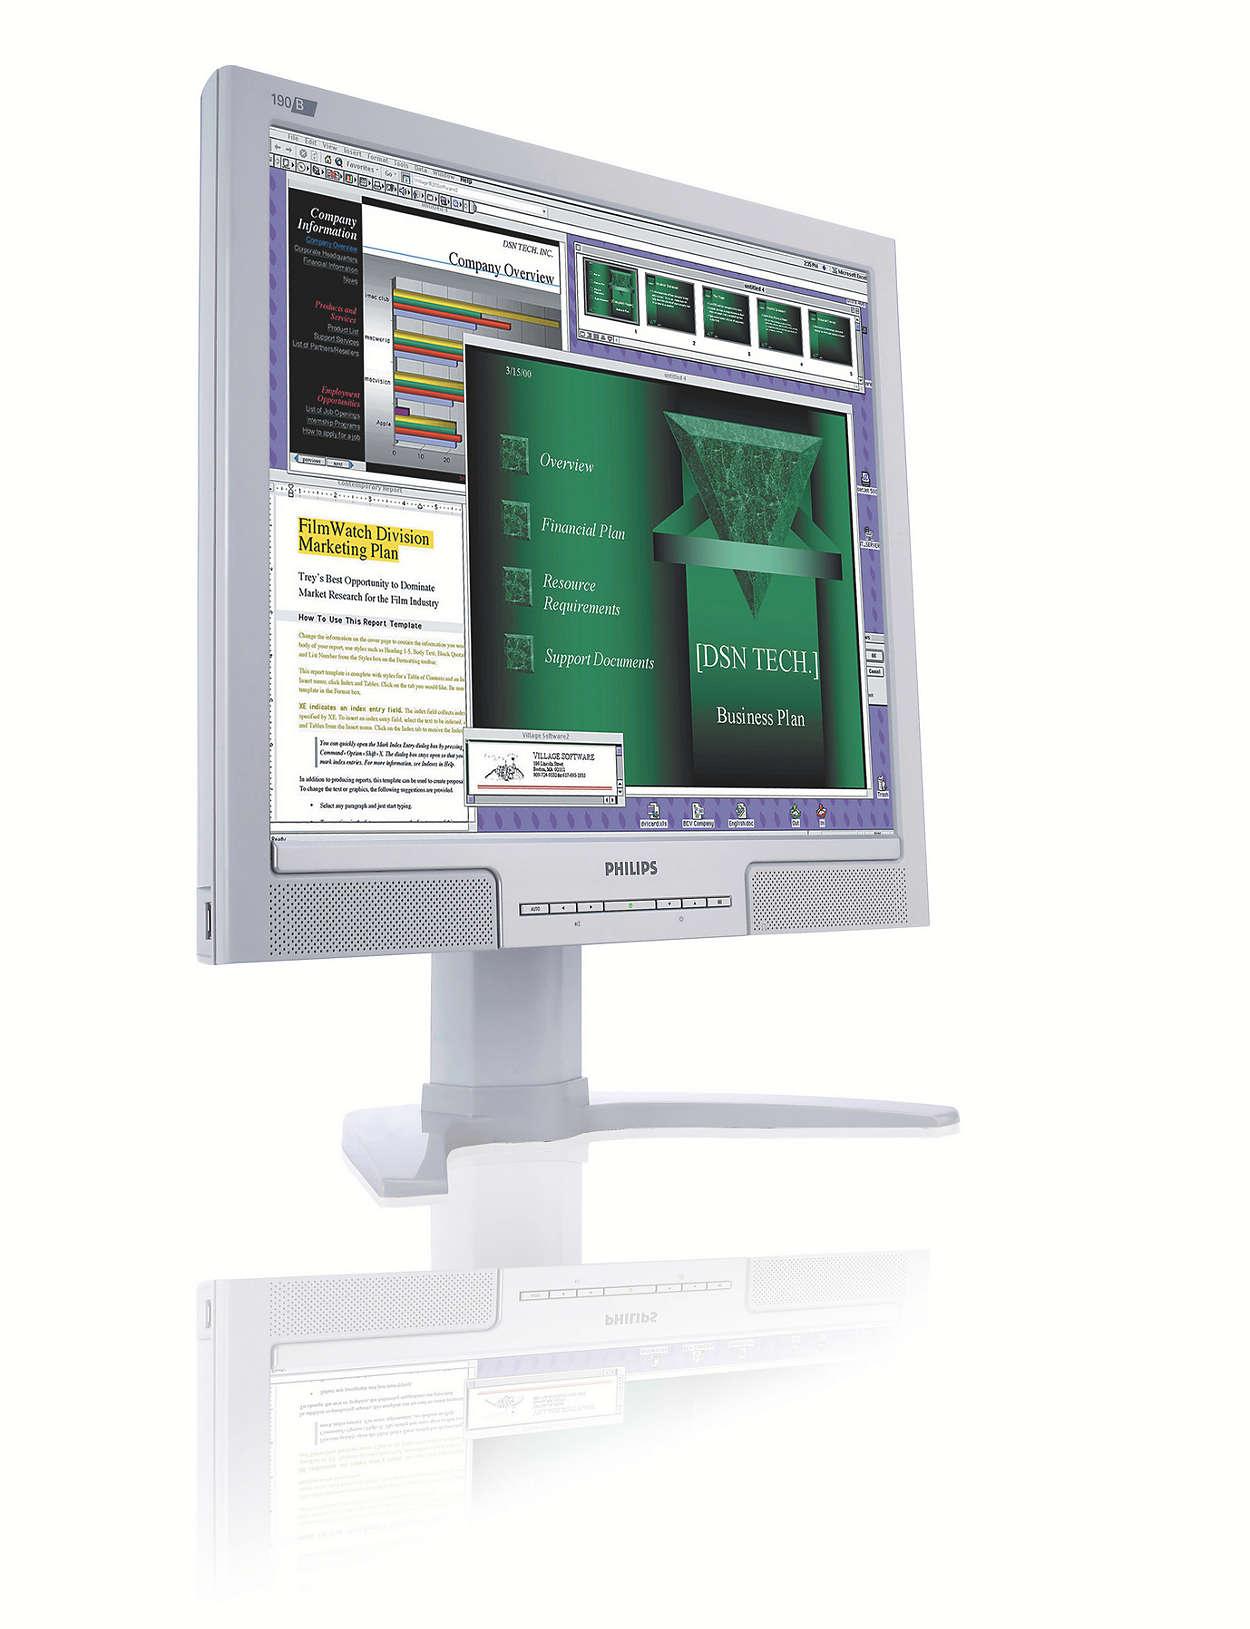 Groot, handig beeldscherm voor het verhogen van de productiviteit